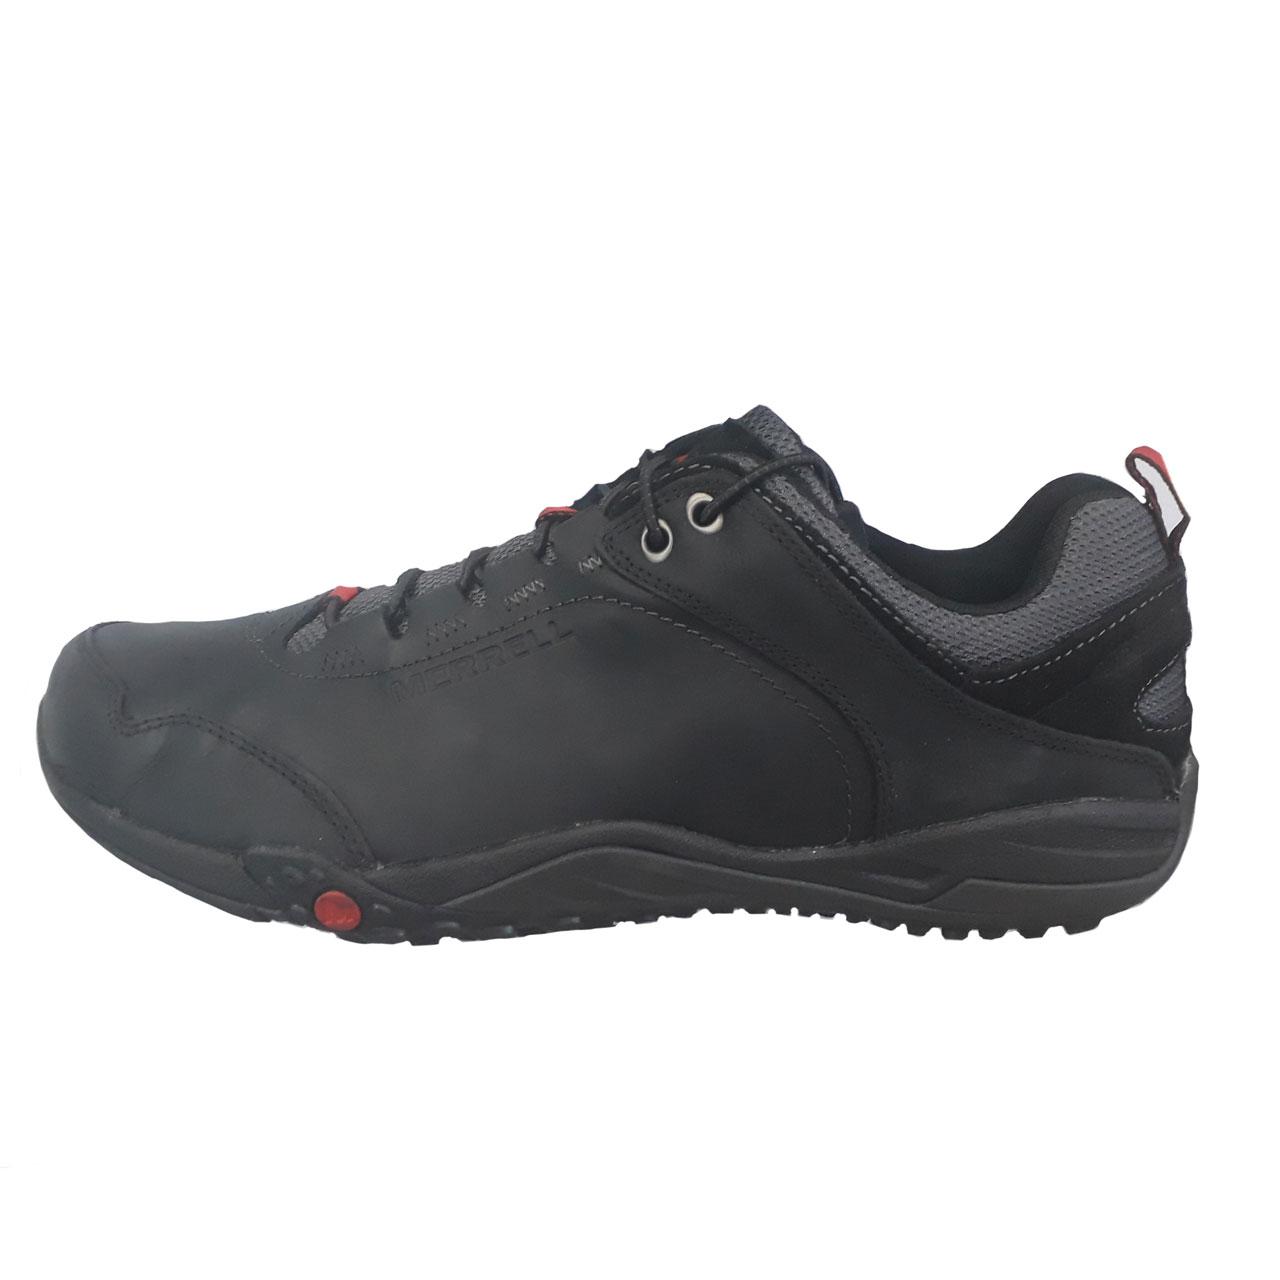 قیمت کفش مخصوص پیاده روی مردانه مرل مدل 4545